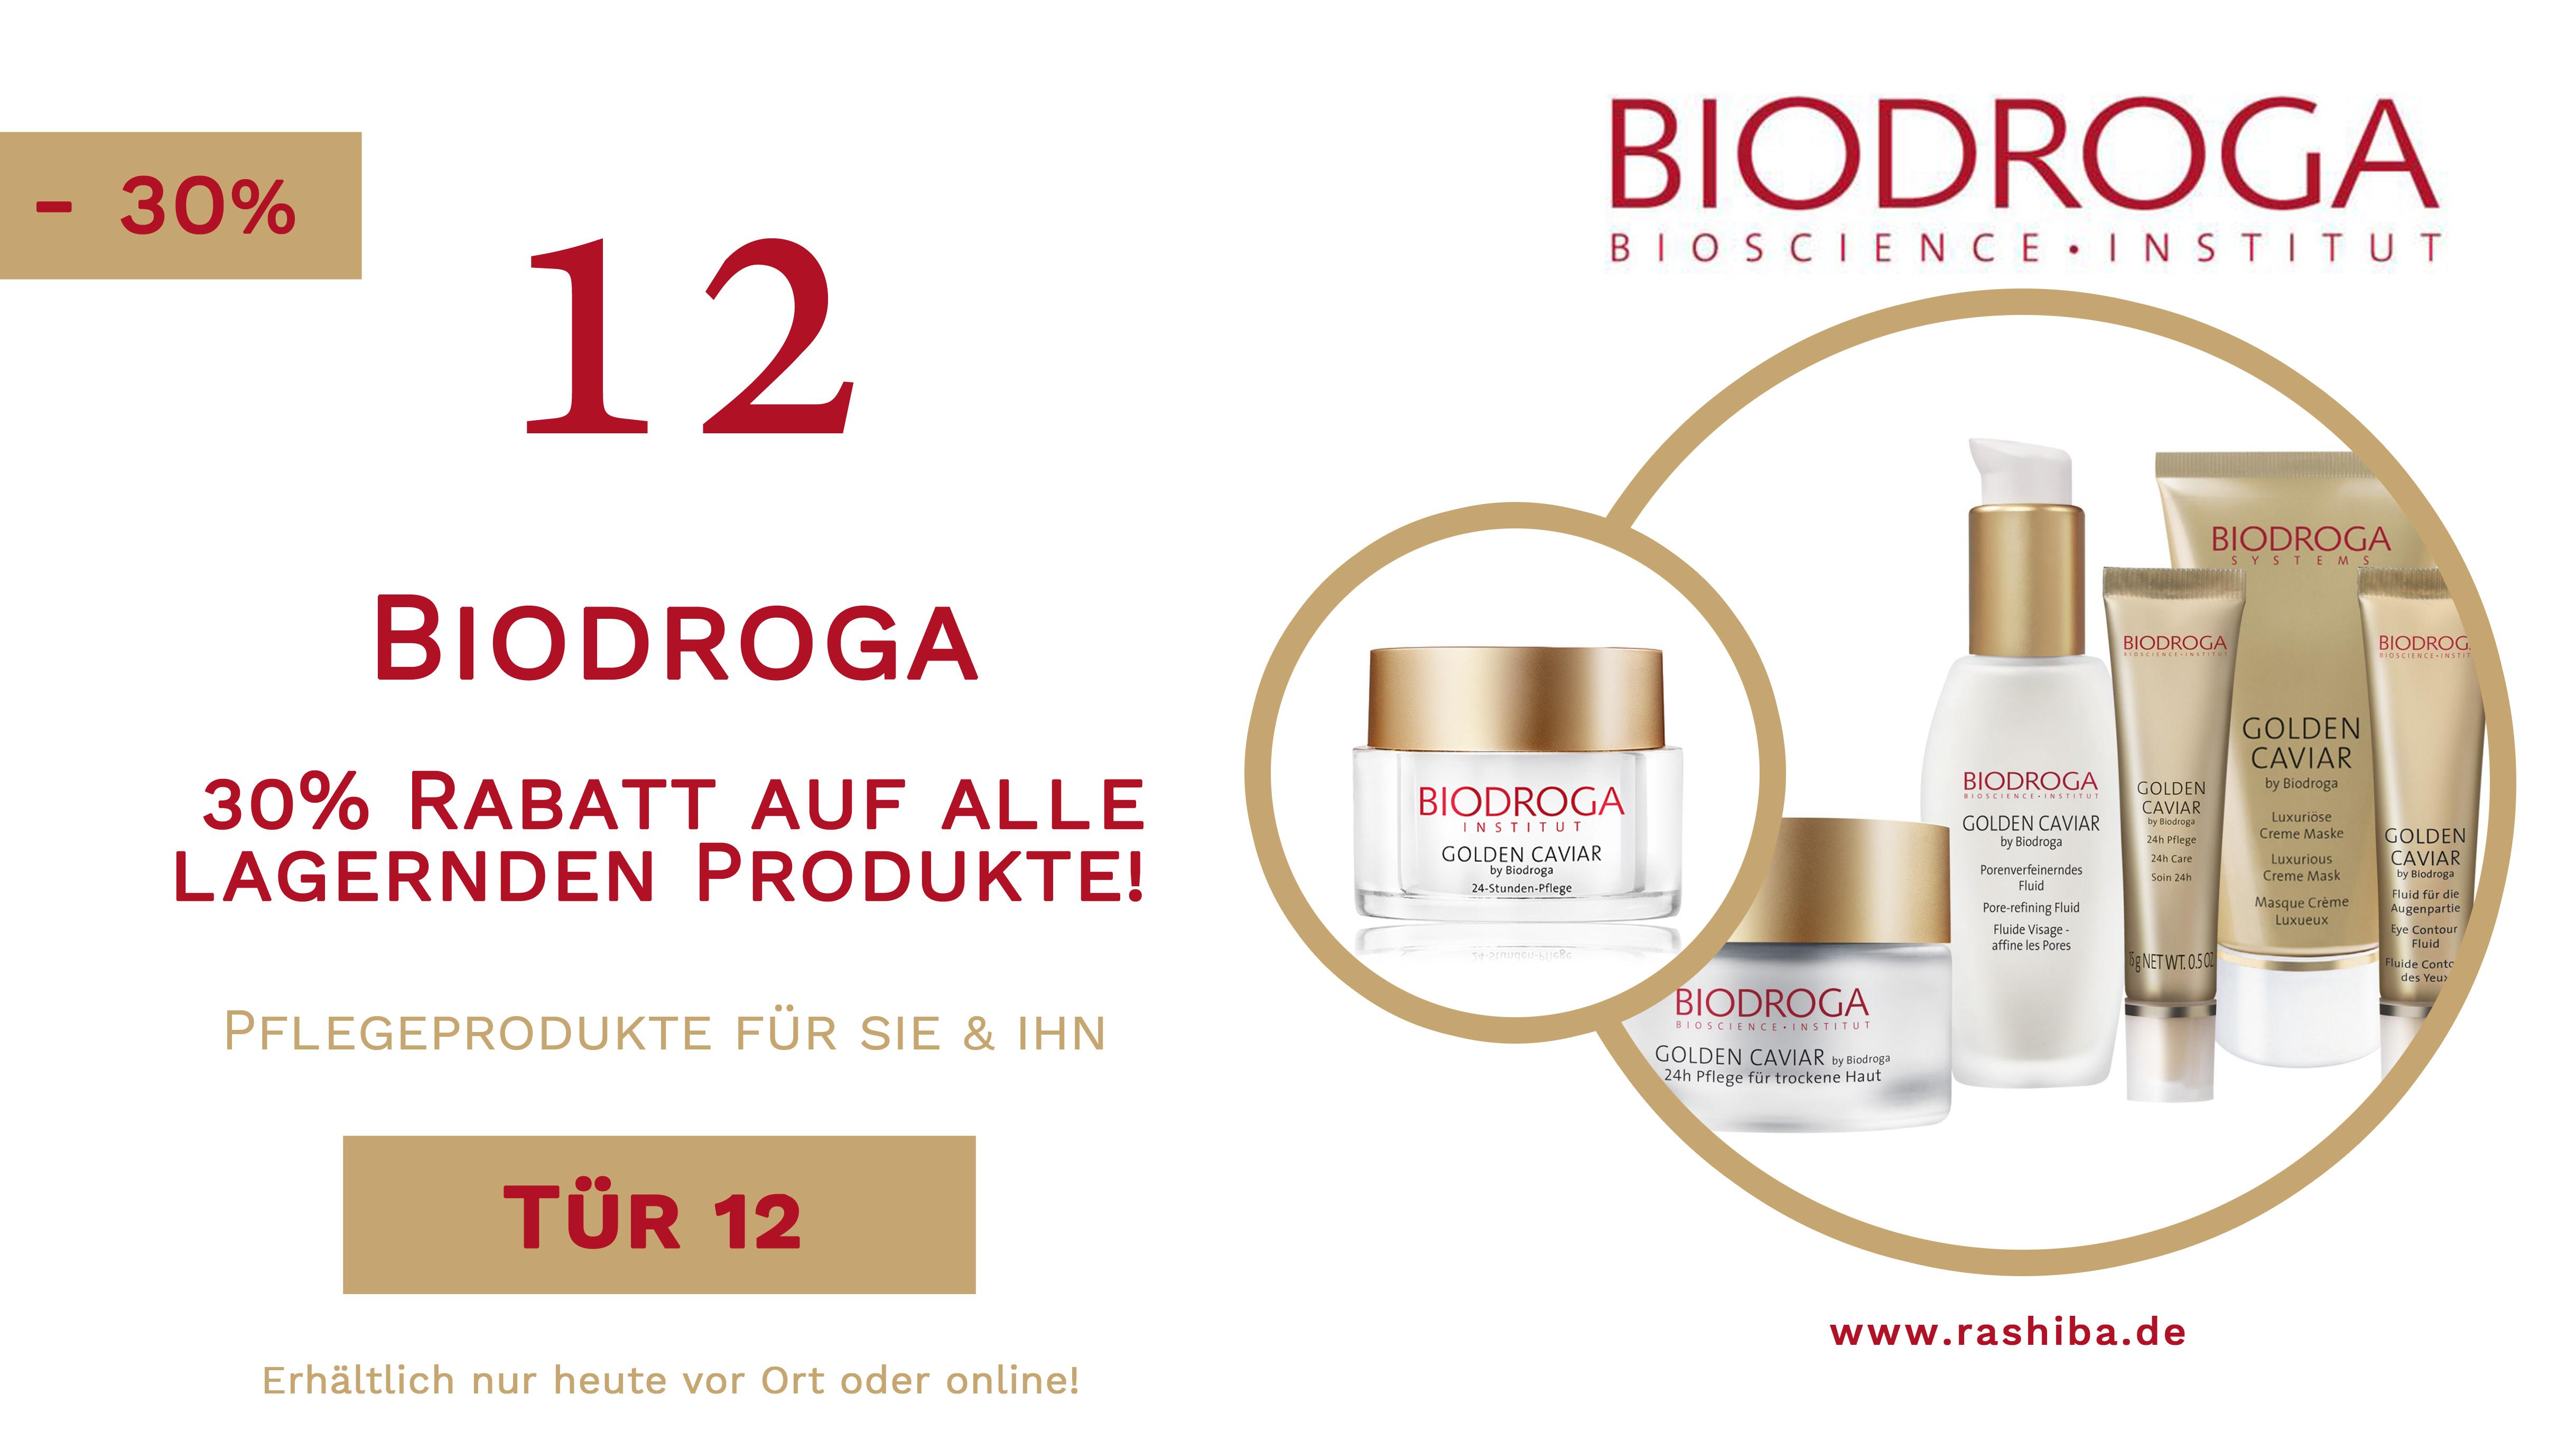 Tür_12_-_Biodroga